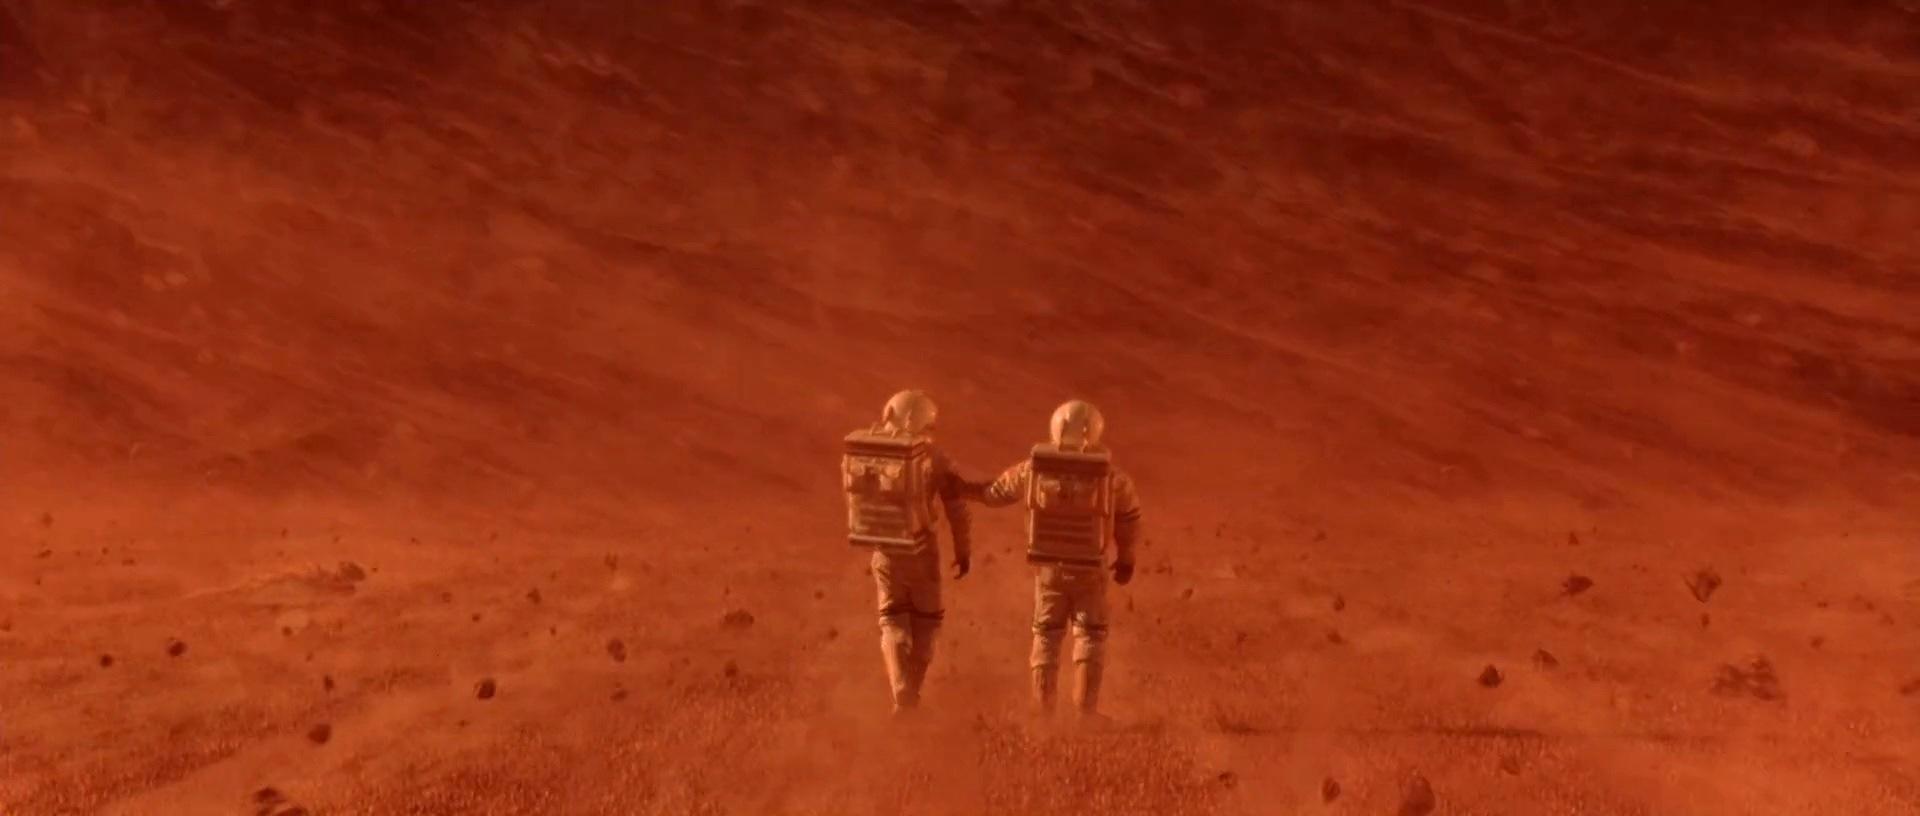 картинки миссия на марс маминой